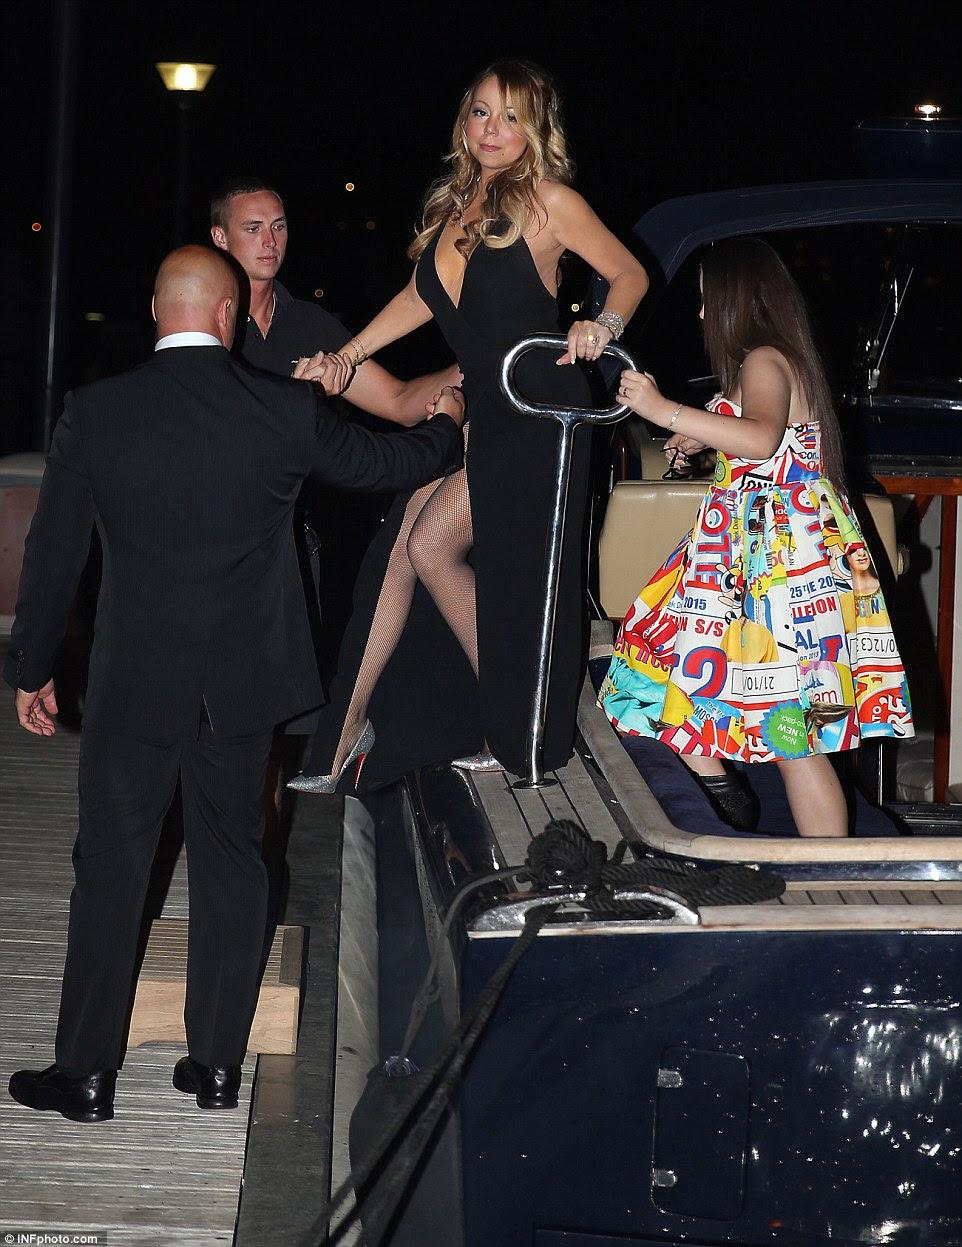 E representam: assessores de Mariah fez com que ela fez fora do barco com segurança em seu vestido atrevido